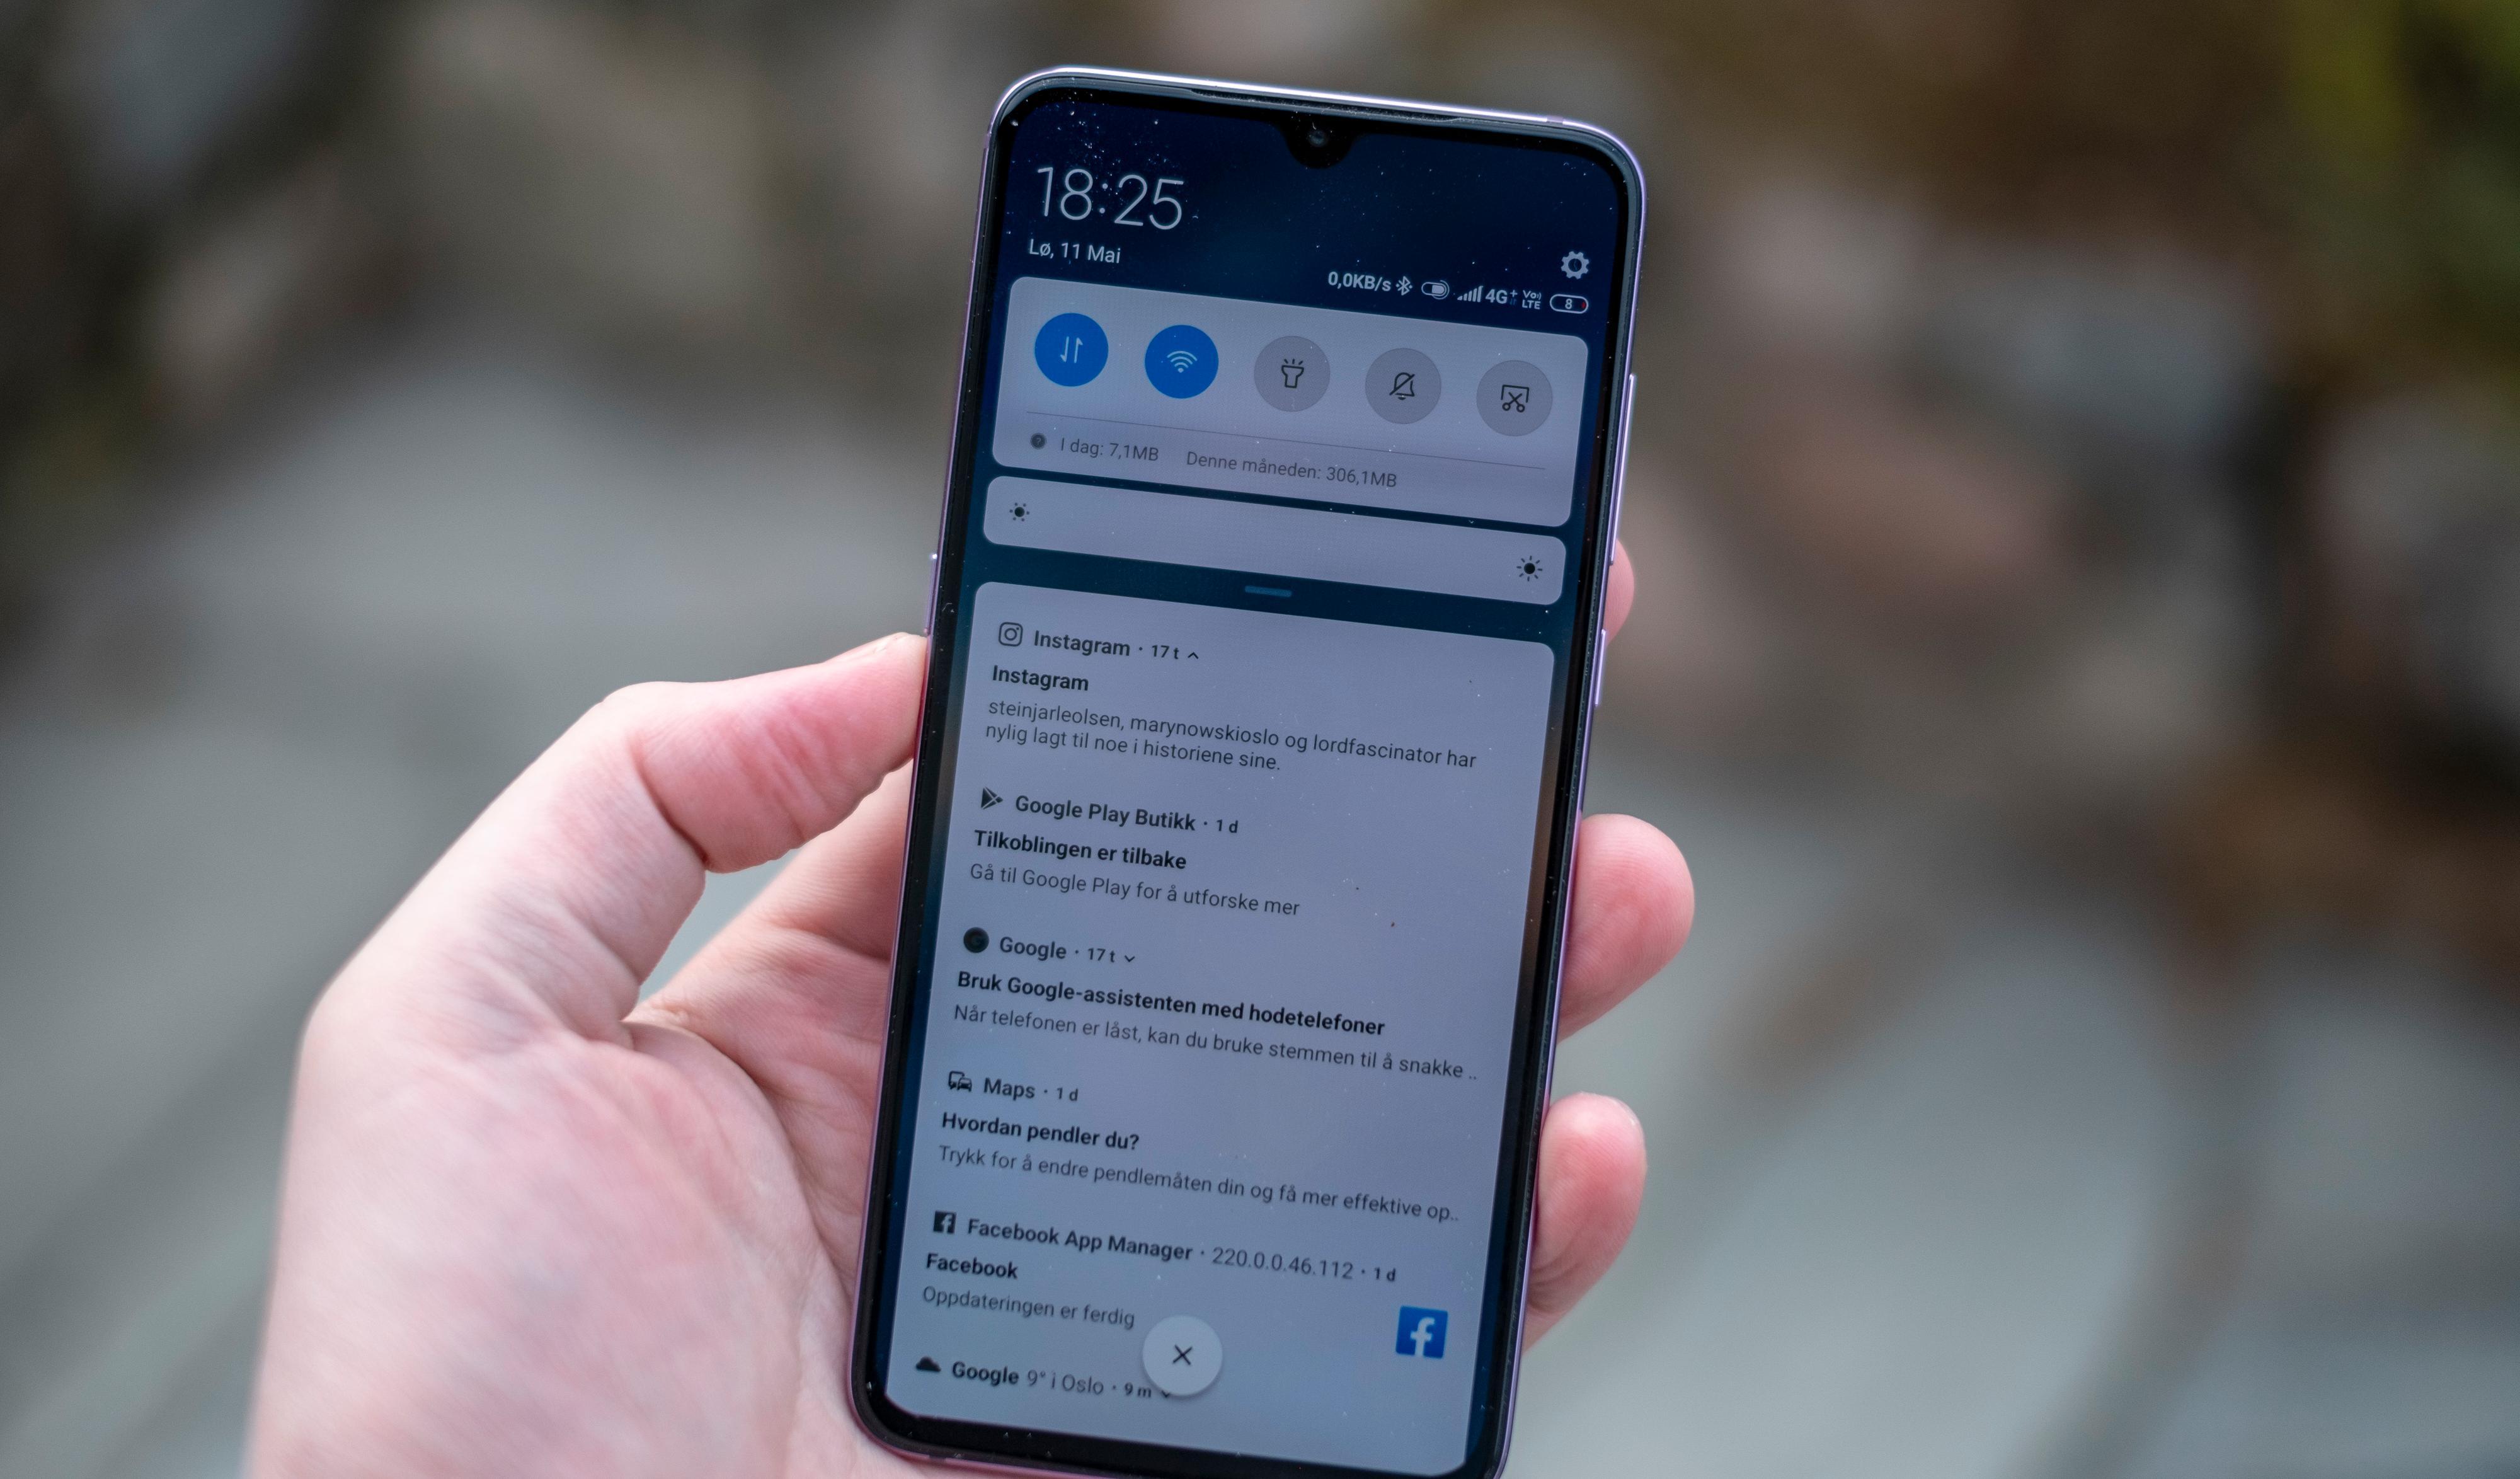 MIUI er lynende raskt og enkelt nok å finne frem i til vanlig. Men når Samsung drar fra med OneUI-menyene sine blir det tydelig at Xiaomis menyer hadde tålt en overhaling - spesielt om man ser til innstillingene.